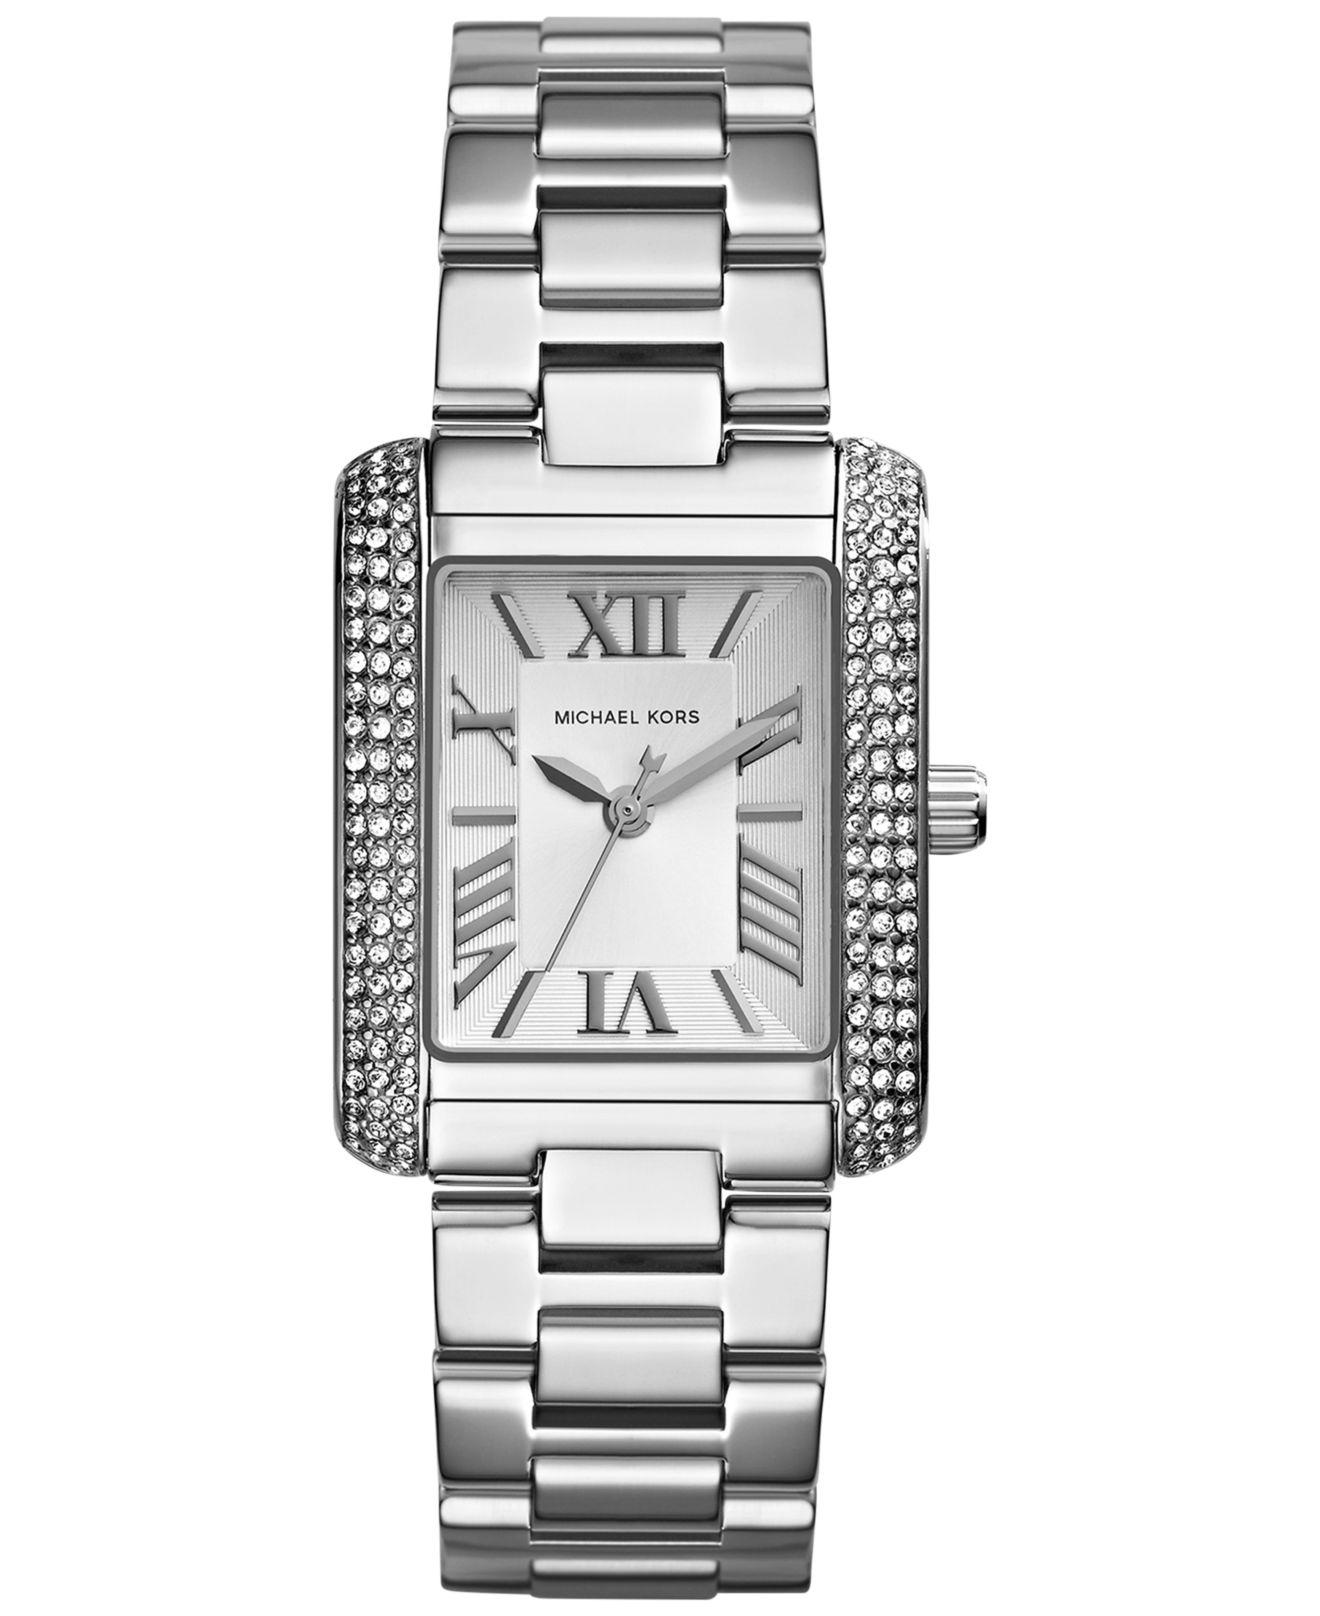 c4cafe56c781 Lyst - Michael Kors Women S Mini Emery Stainless Steel Bracelet ...